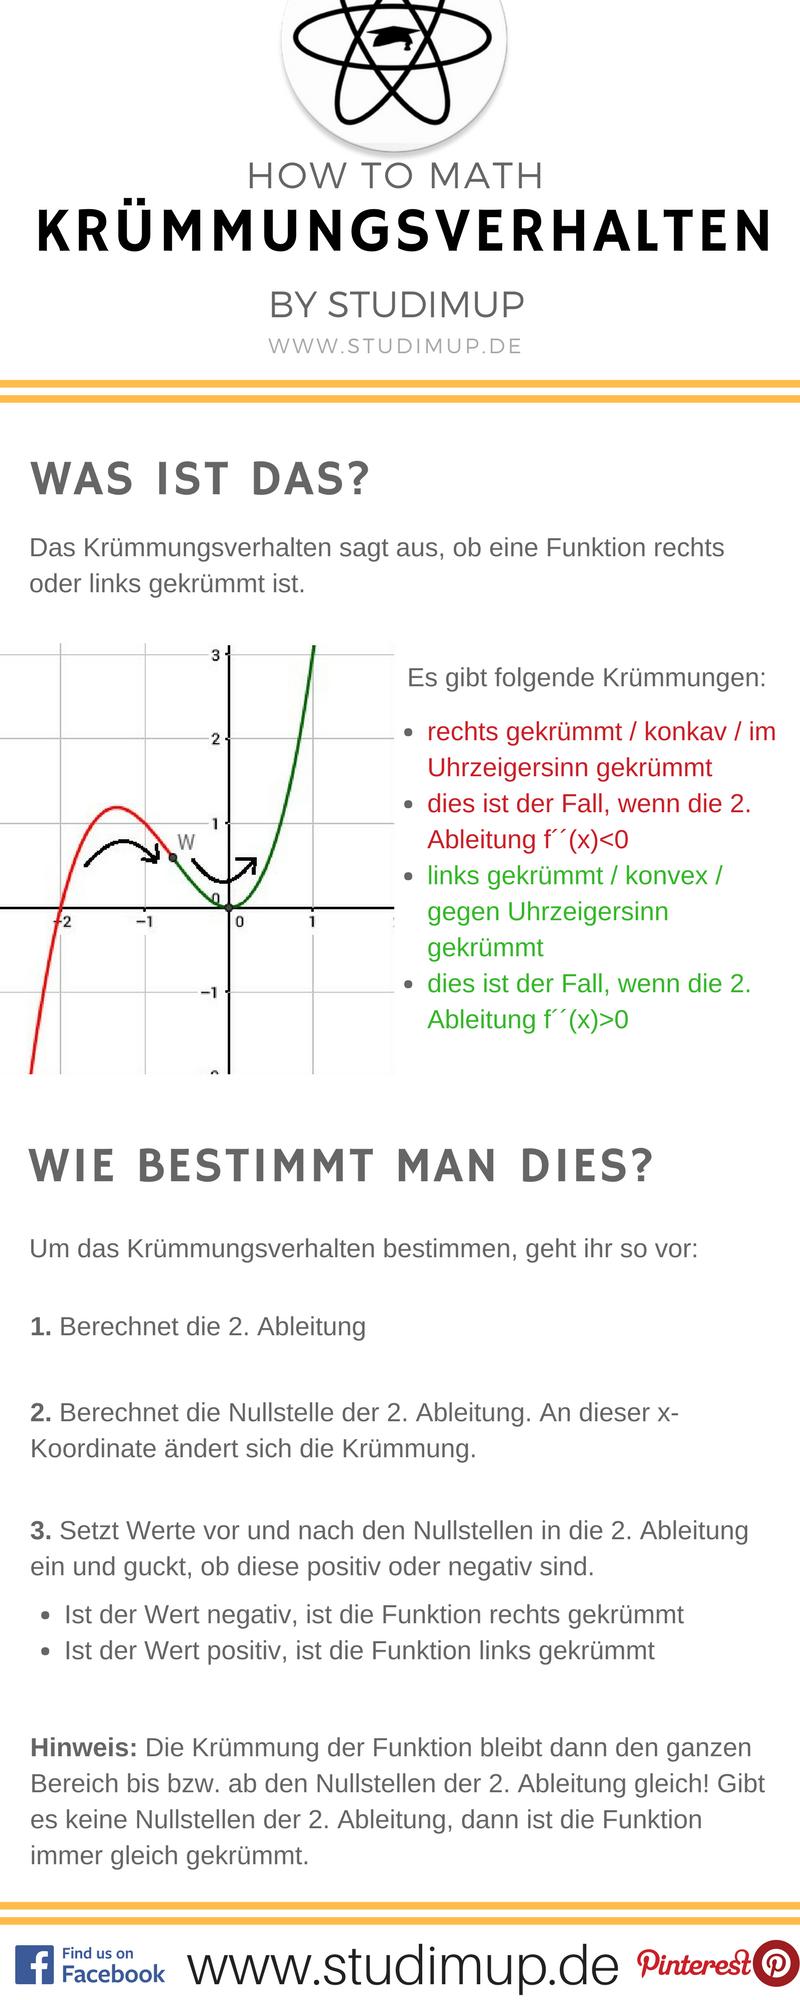 Mathe Spickzettel Zum Krummungsverhalten Von Funktionen Studimup Erklart Euch Mathe Auf Unserer Website Nachhilfe Mathe Mathe Spickzettel